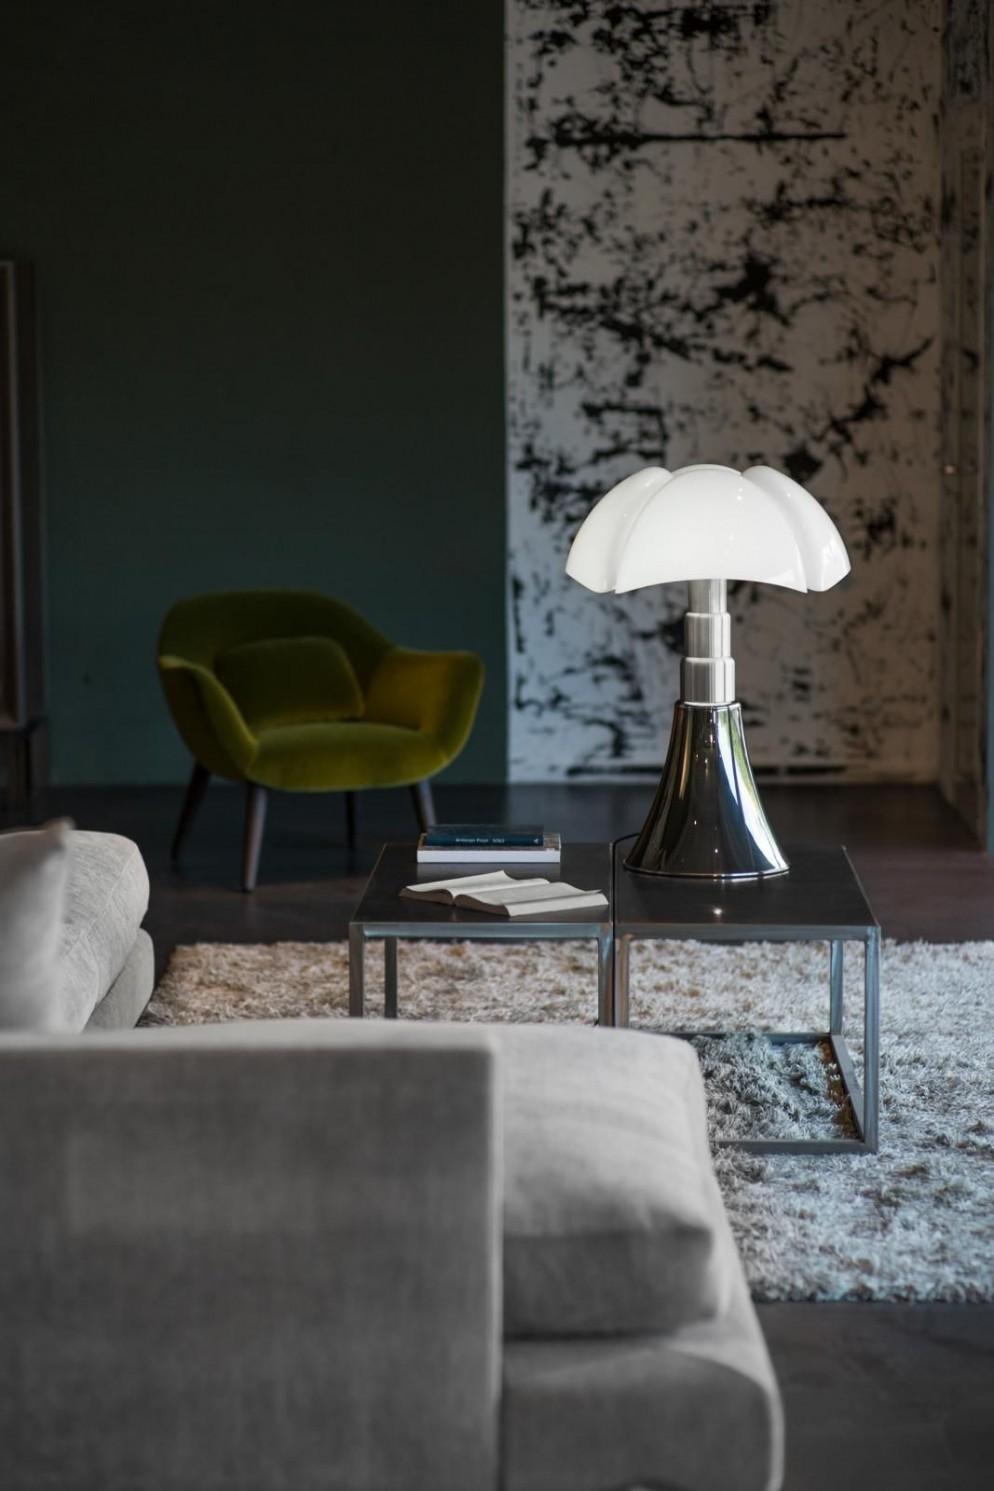 lampade-design-più-famose-pipistrello-martinelli-luce